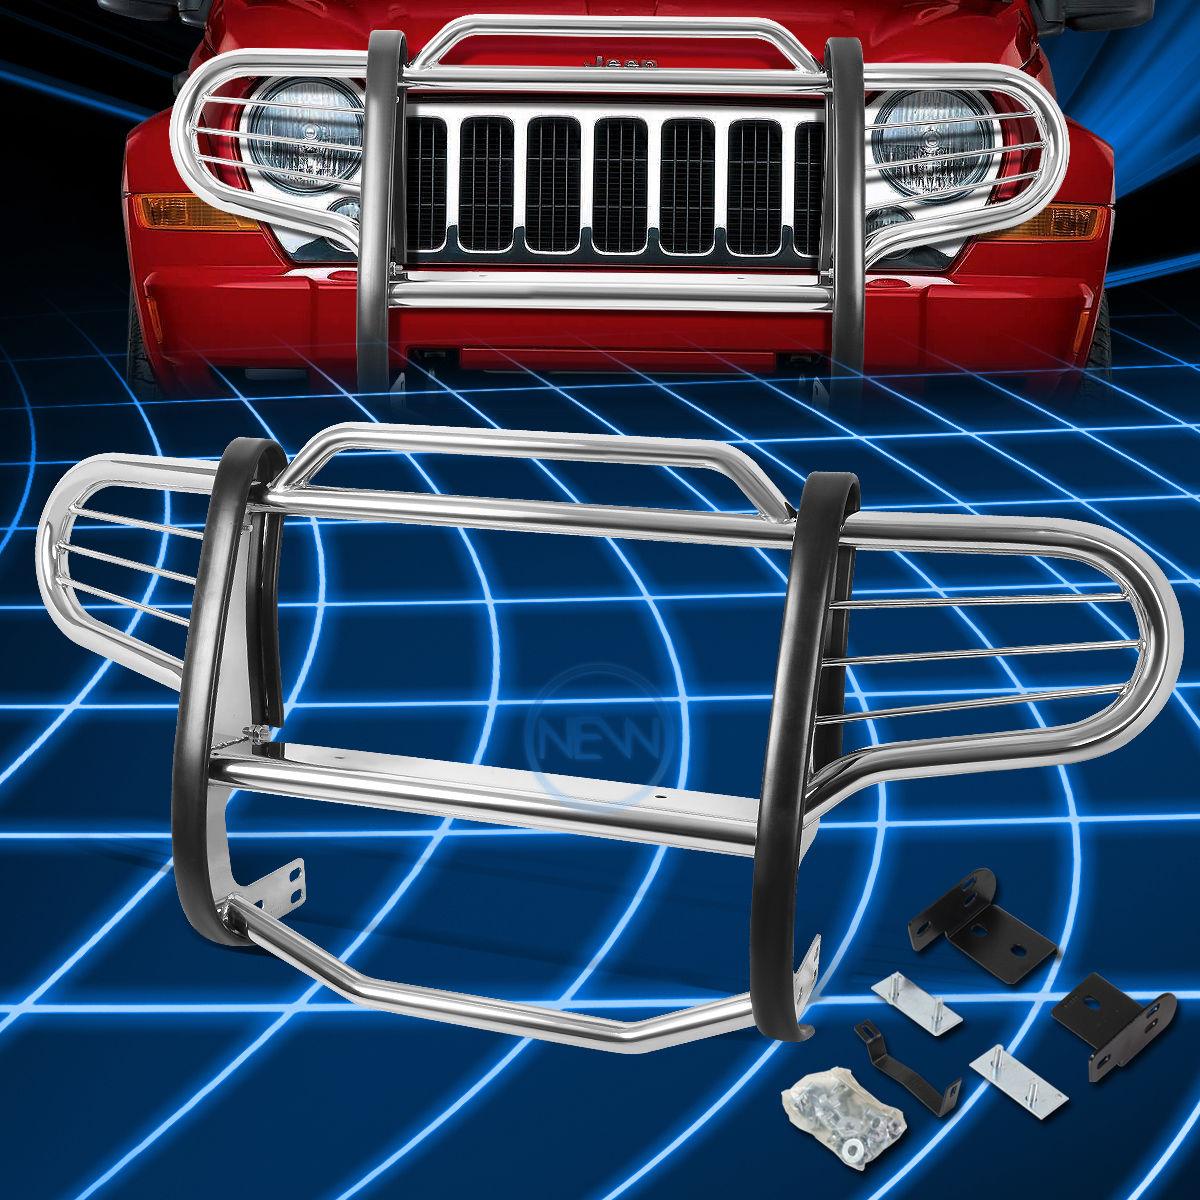 グリル 2002-2007ジープリバティーKJ SUVのためのクロームブラシバンパープロテクターグリルガード Chrome Brush Bumper Protector Grille Guard for 2002-2007 Jeep Liberty KJ SUV